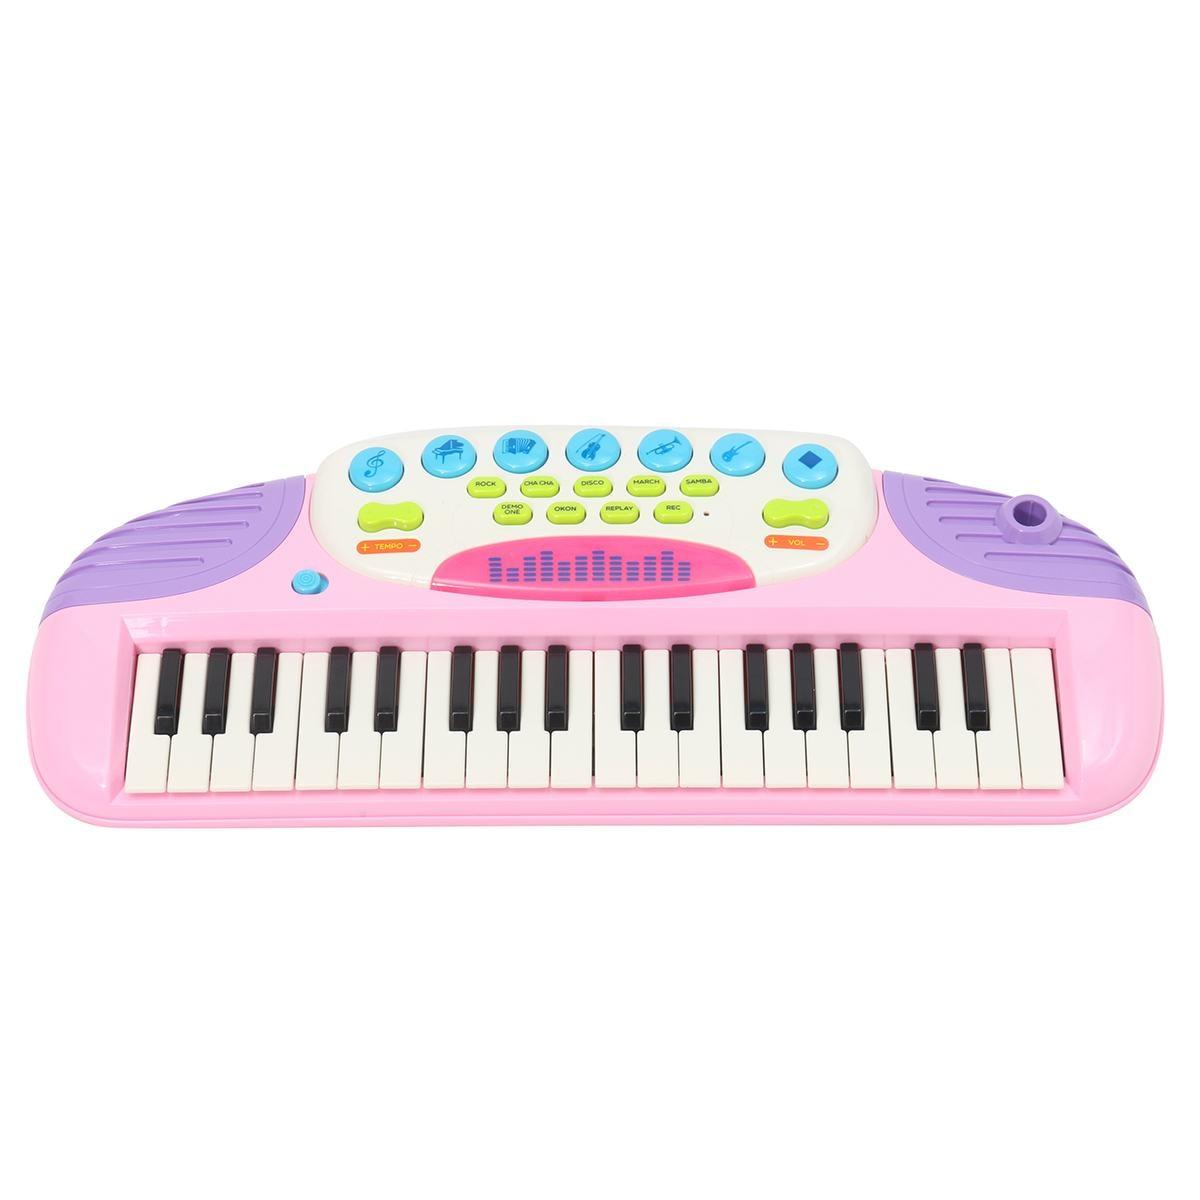 Rose 37 clés enfants clavier électronique Piano orgue jouet Microphone musique jouer enfants jouet éducatif cadeau pour enfants - 3